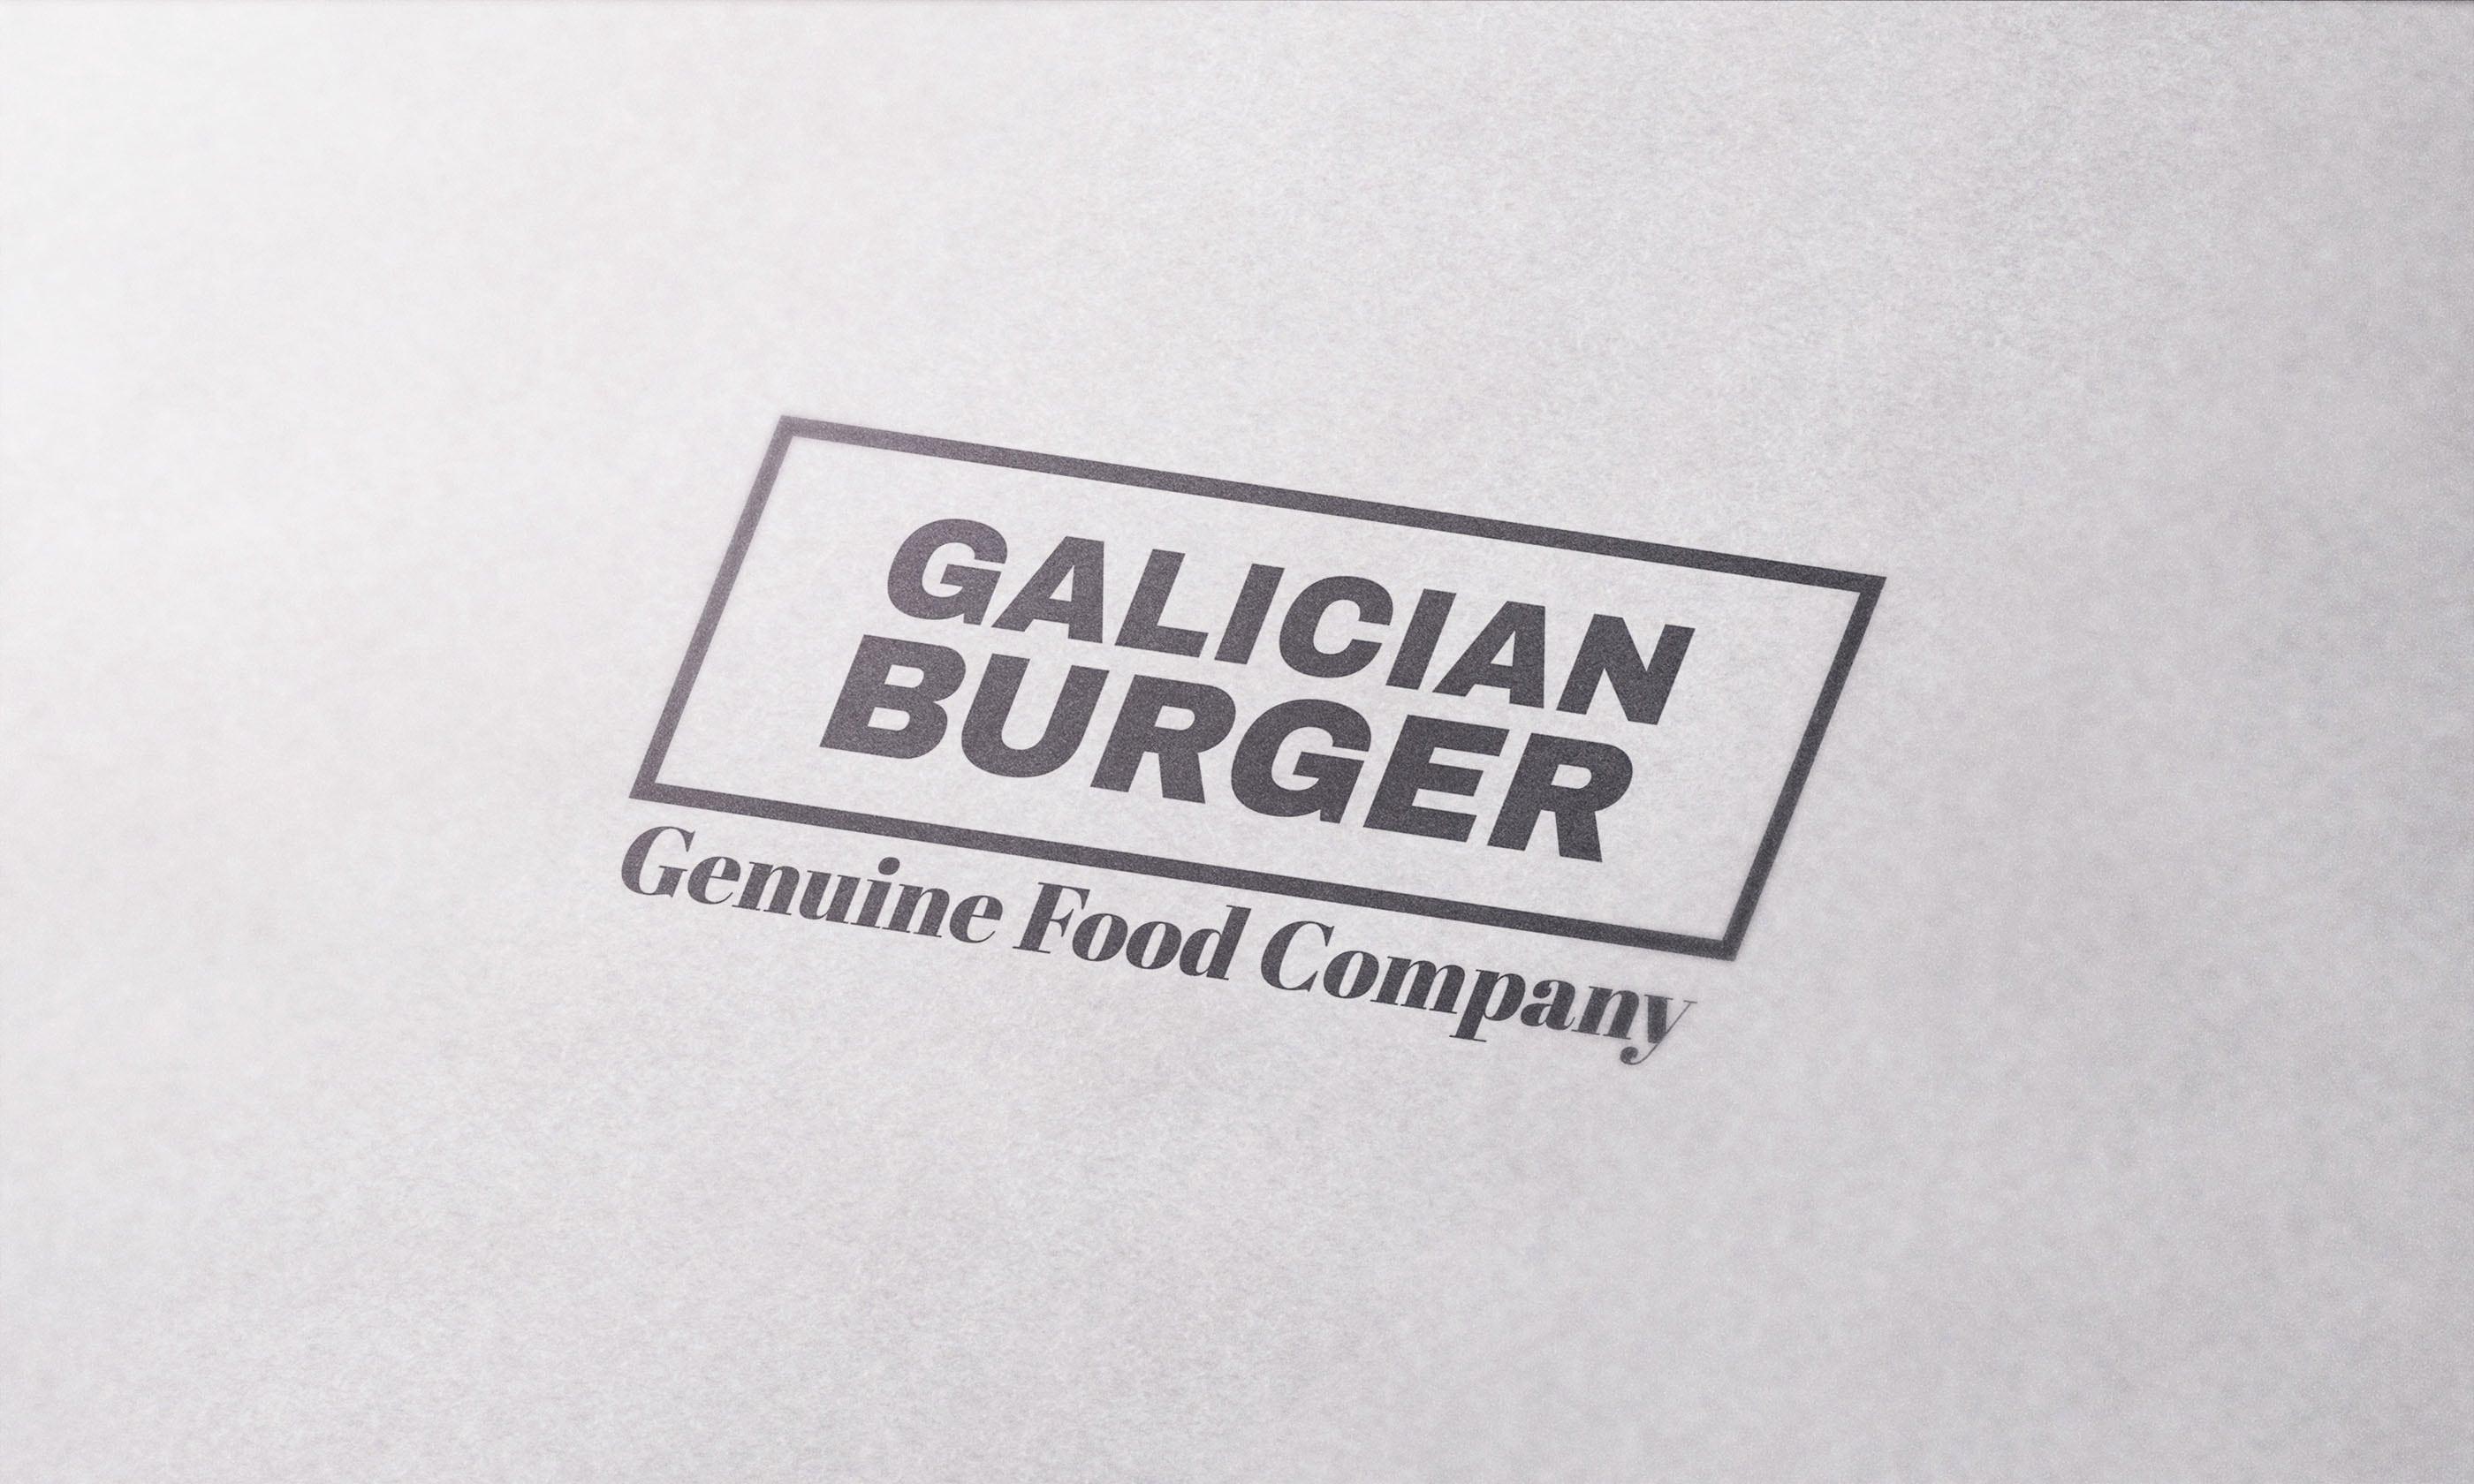 Galician Burger